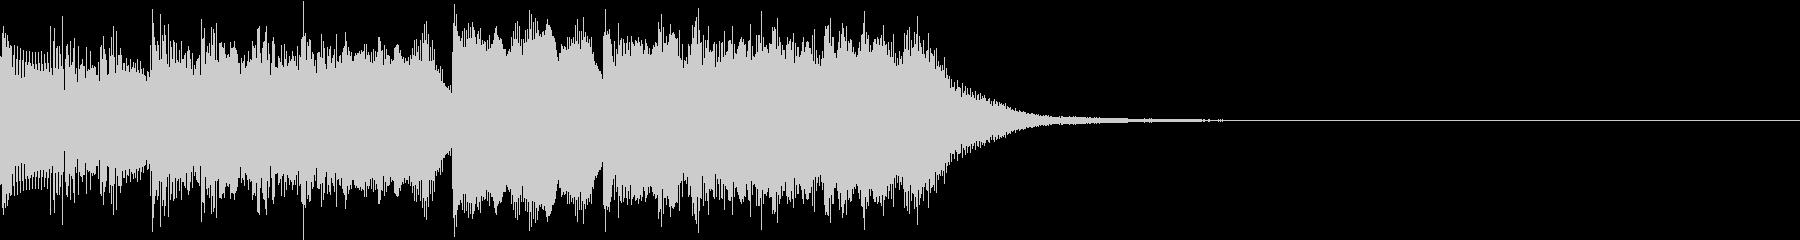 ファミコン風 レトロ ファンファーレ Cの未再生の波形